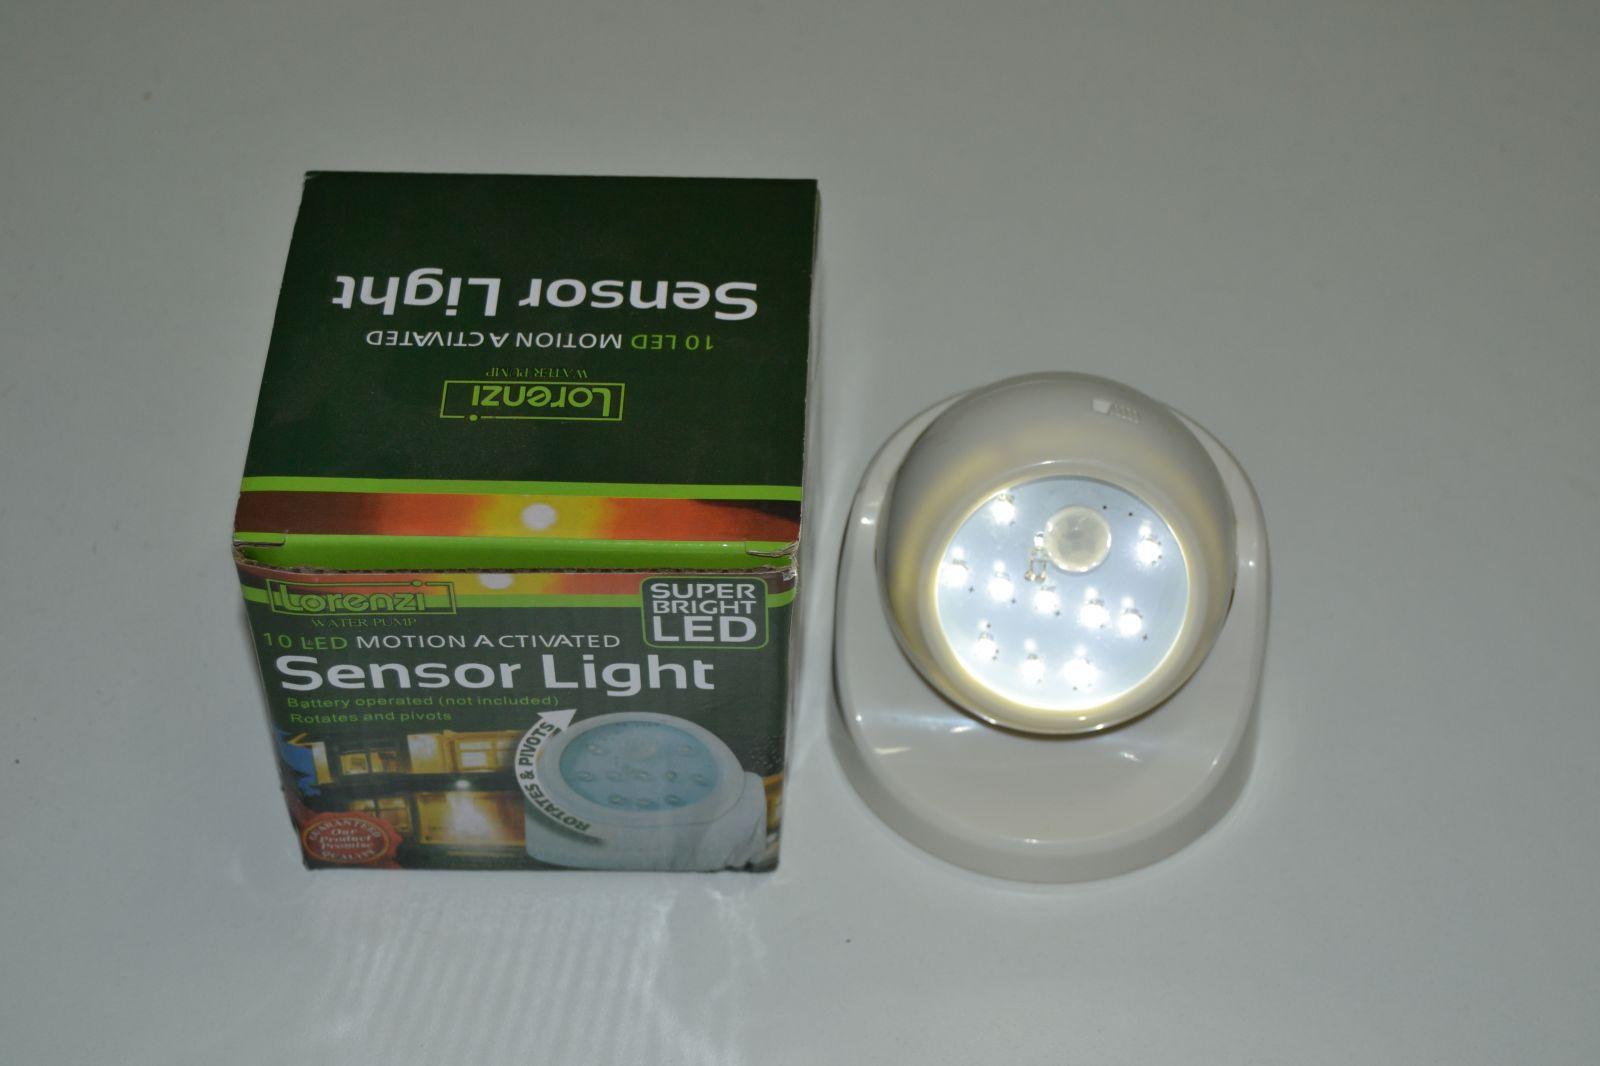 Bezdotyková led svítilna s čidlem pohybu - Sensor light - Lorenzi